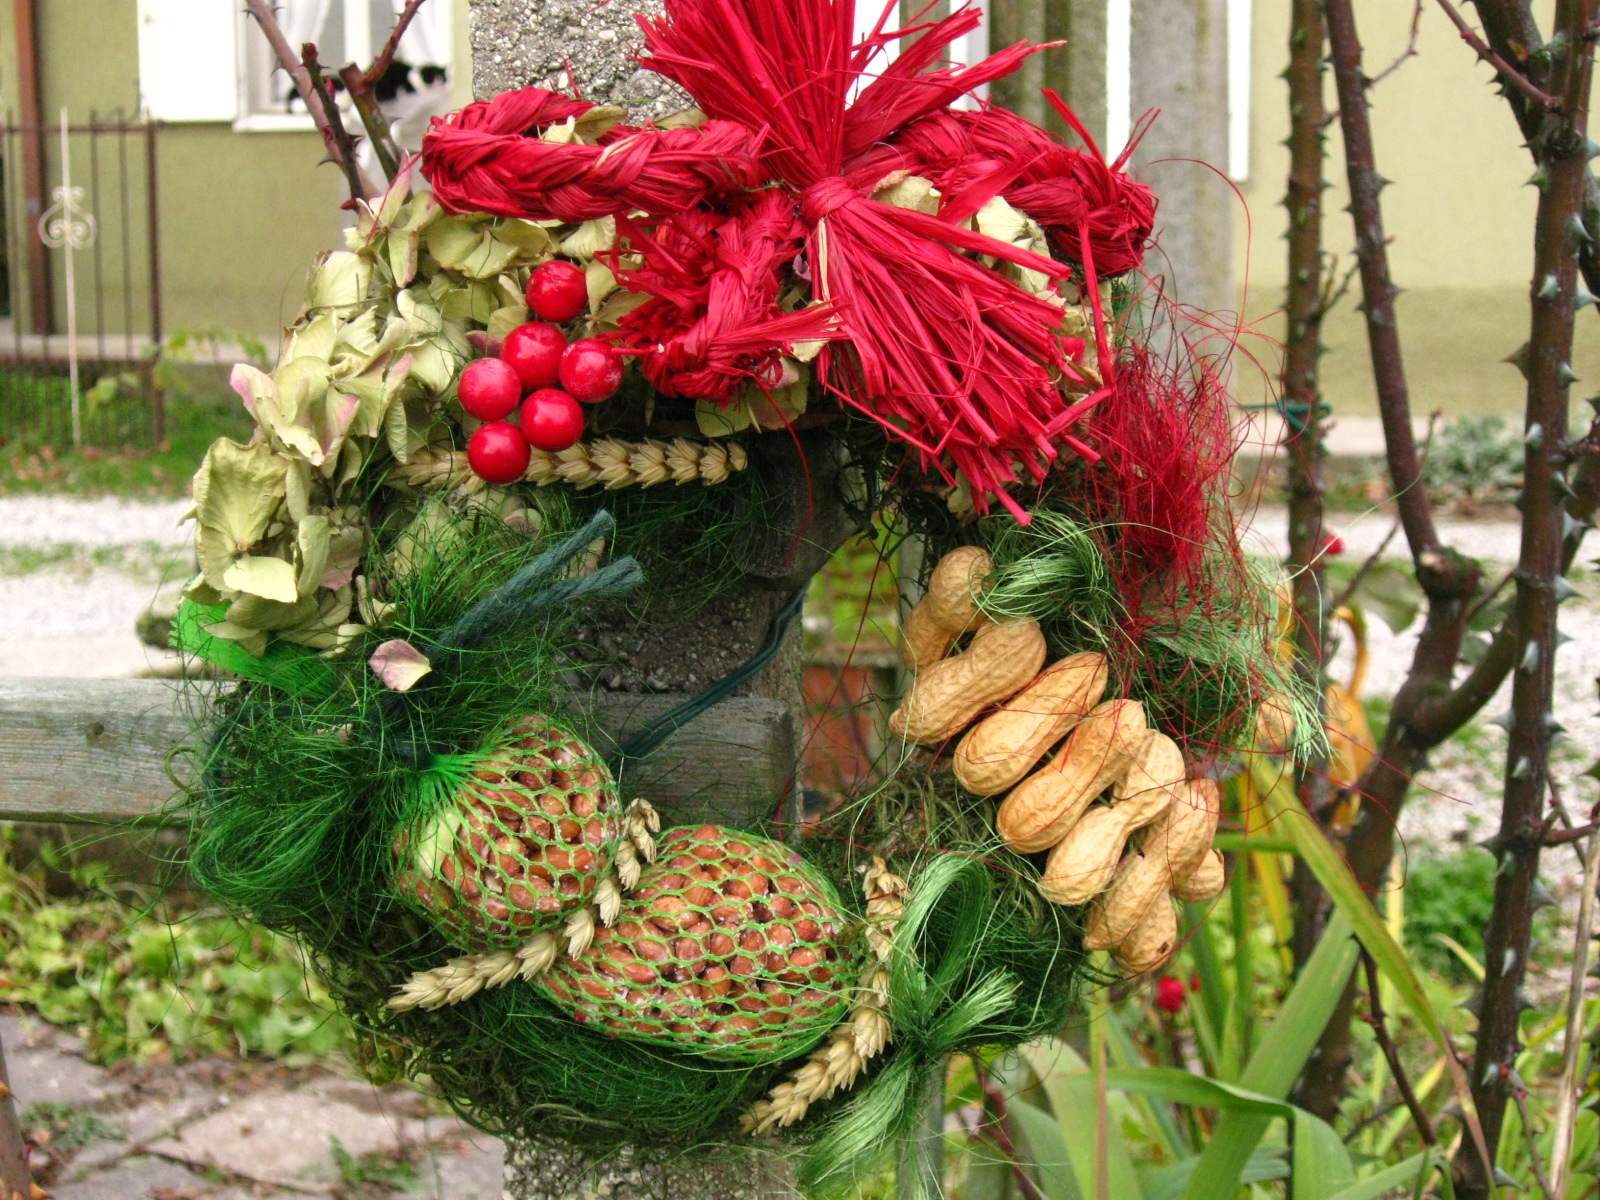 Una strenna per gli amici alati amici in giardino for Pianta noccioline